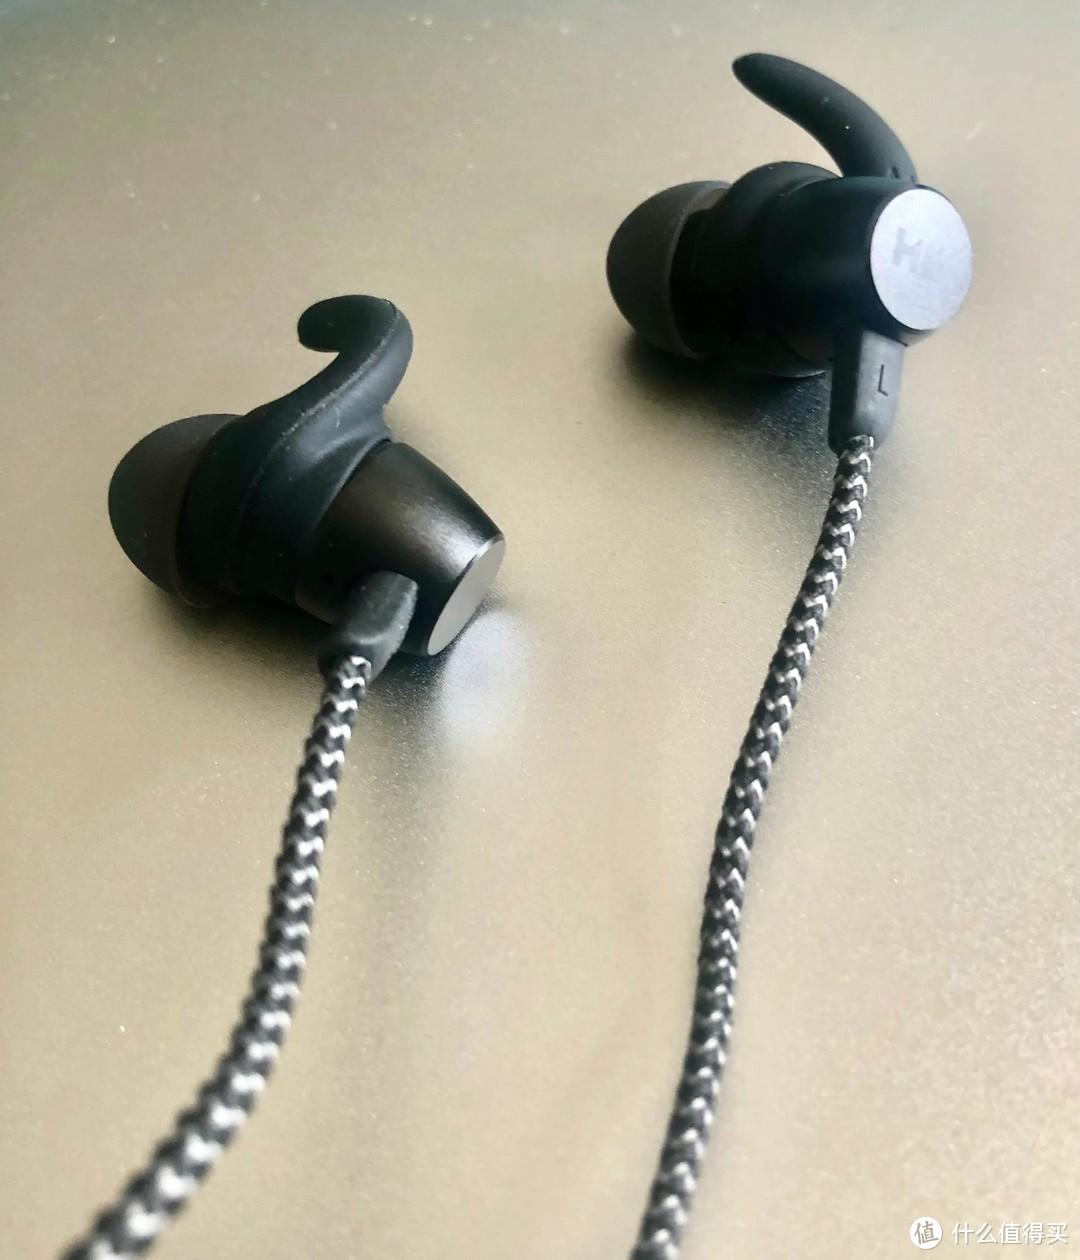 运动音乐党福音!国潮颈挂式蓝牙运动耳机,仅200多块惊喜连连